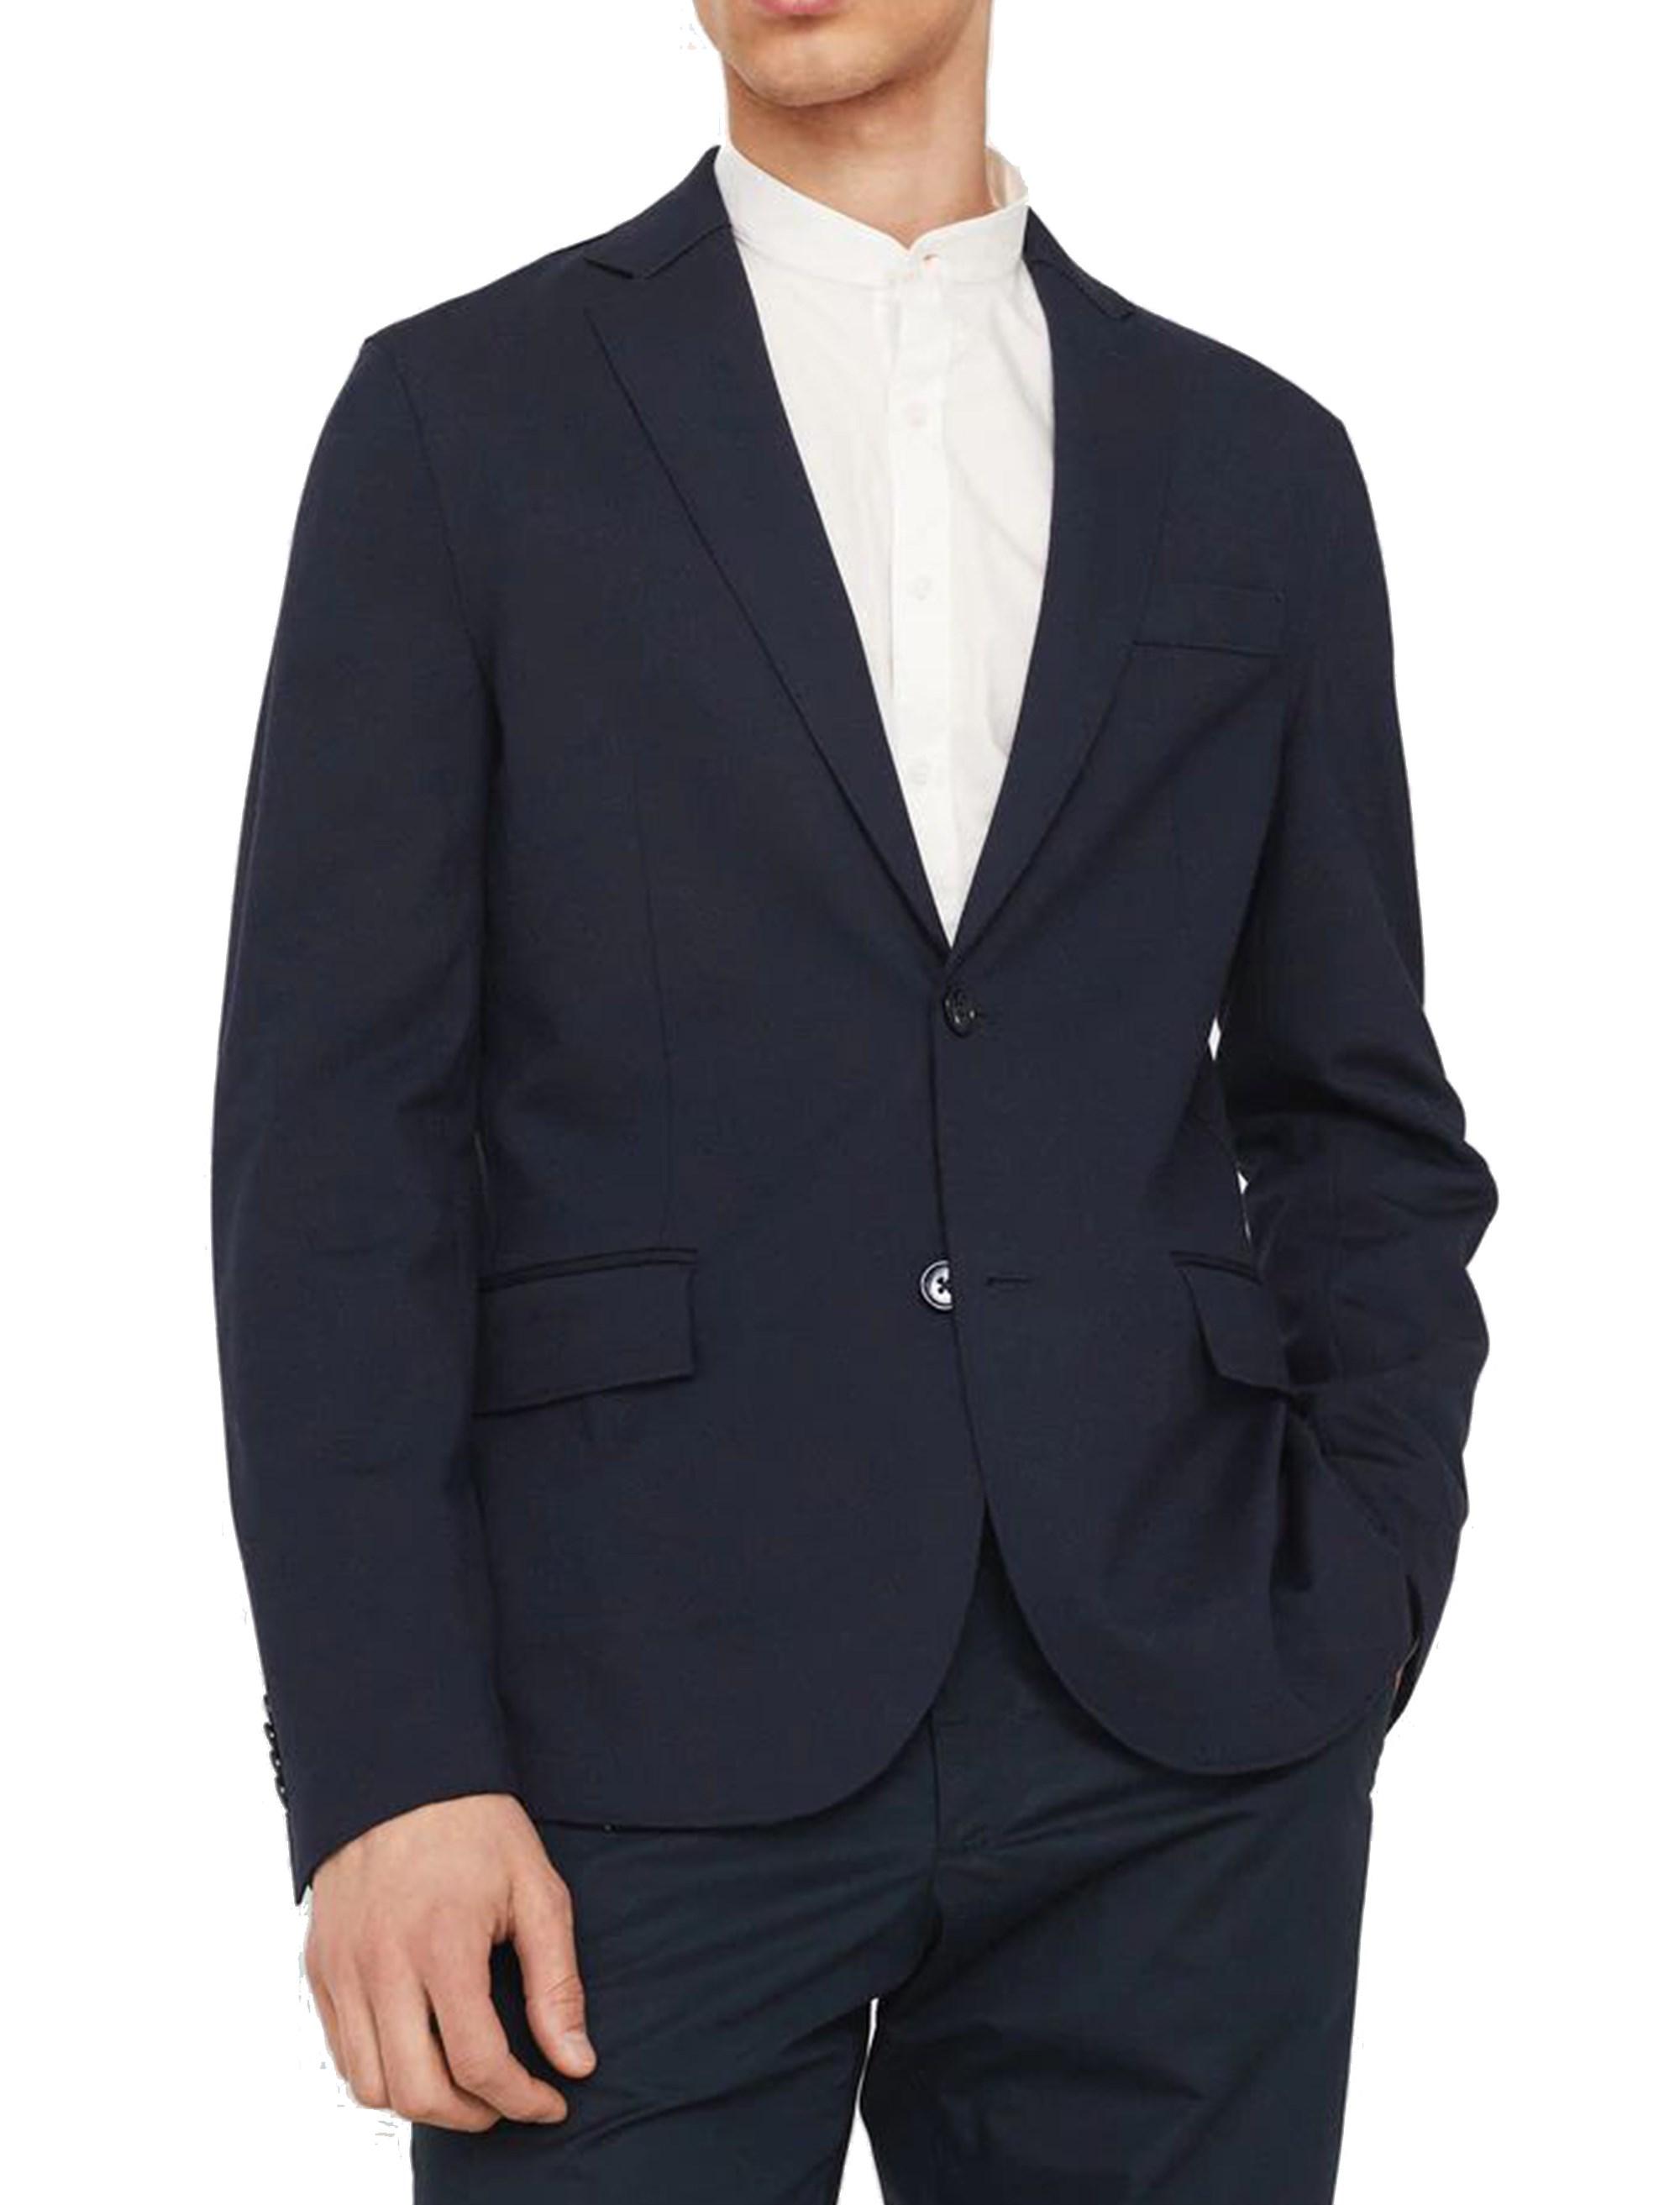 کت تک غیر رسمی ویسکوز مردانه